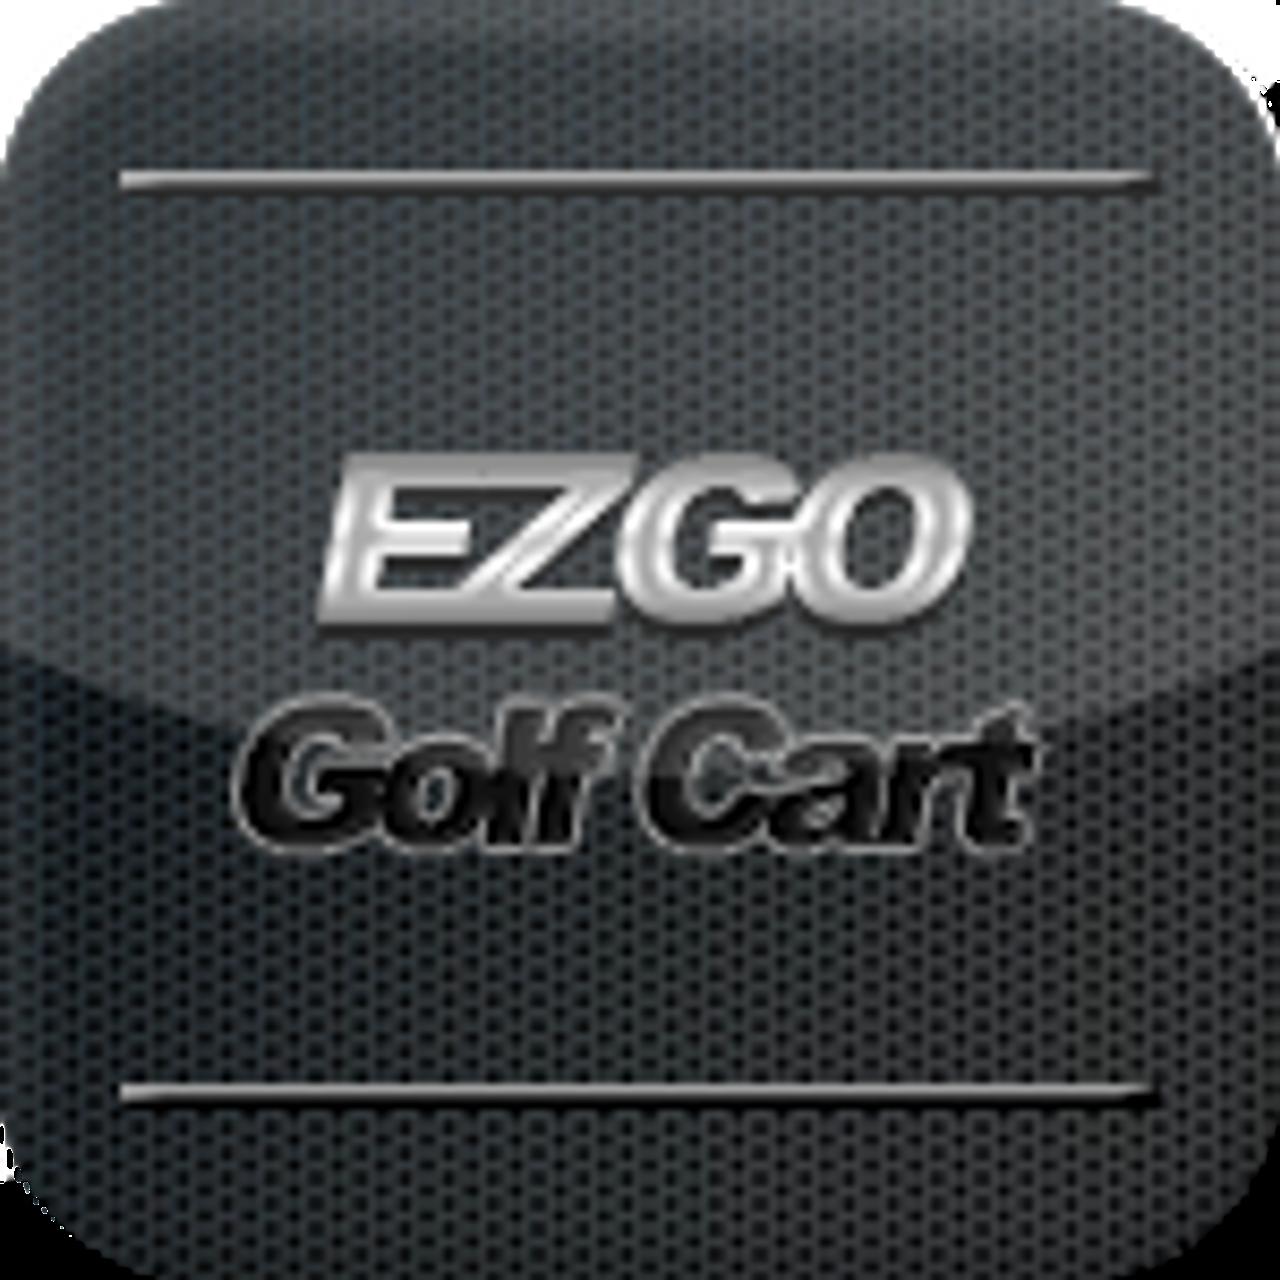 EZGO Steering Parts